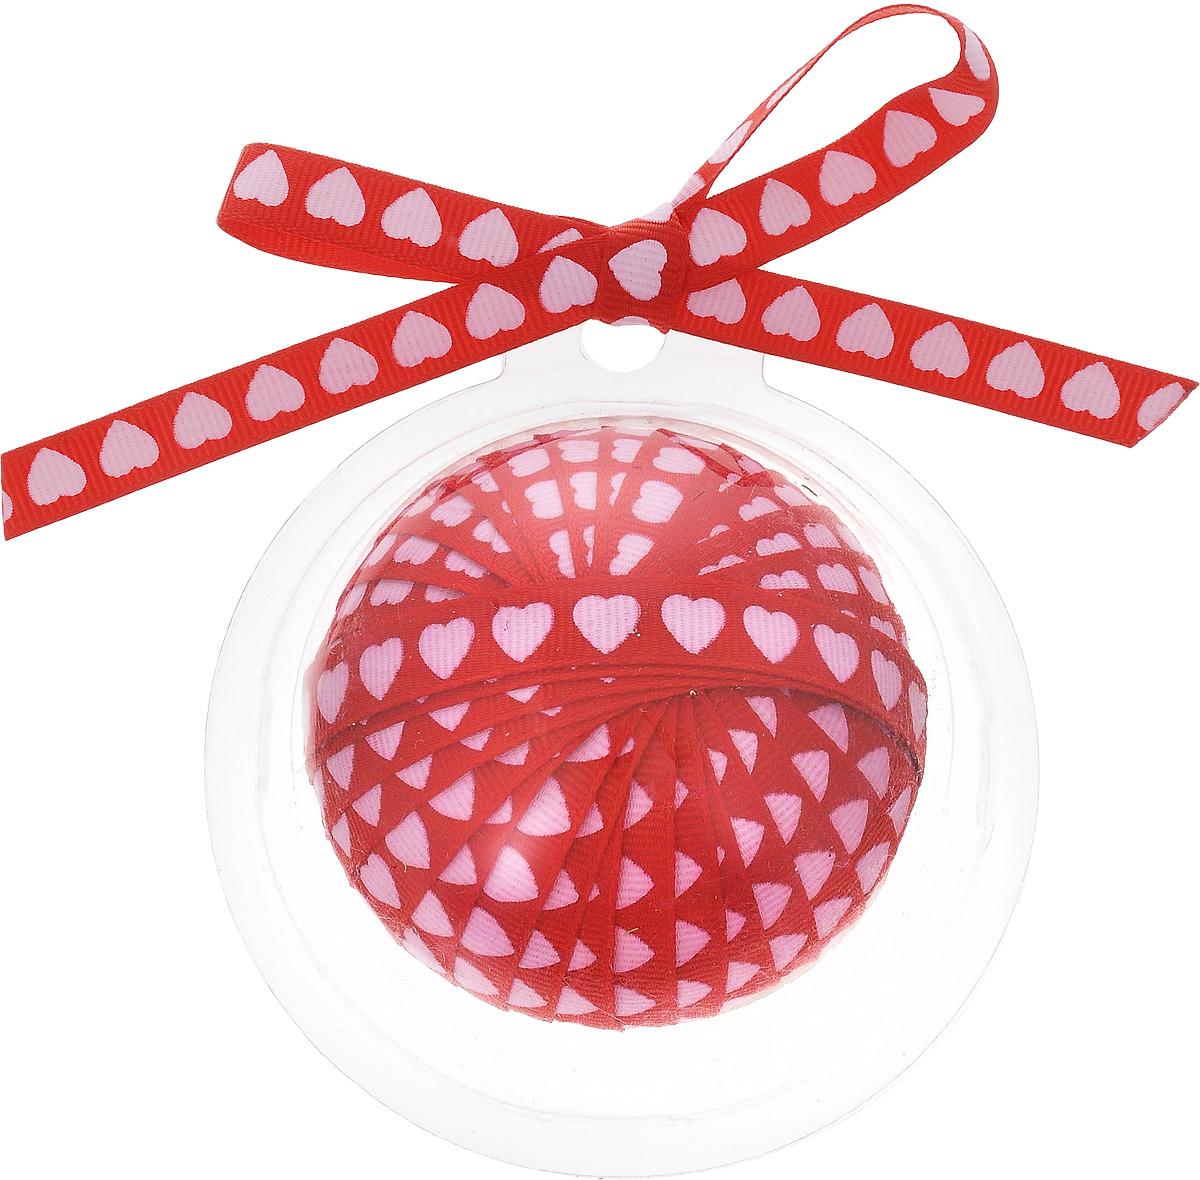 Лента новогодняя Winter Wings, цвет: красный, светло-розовый, 1 см х 3 мAM575053Декоративная лента Winter Wings выполнена из полиэстера. Она предназначена для оформления подарочных коробок, пакетов. Кроме того, декоративная лента с успехом применяется для художественного оформления витрин, праздничного оформления помещений, изготовления искусственных цветов. Декоративная лента украсит интерьер вашего дома к праздникам.Ширина ленты: 1 см.